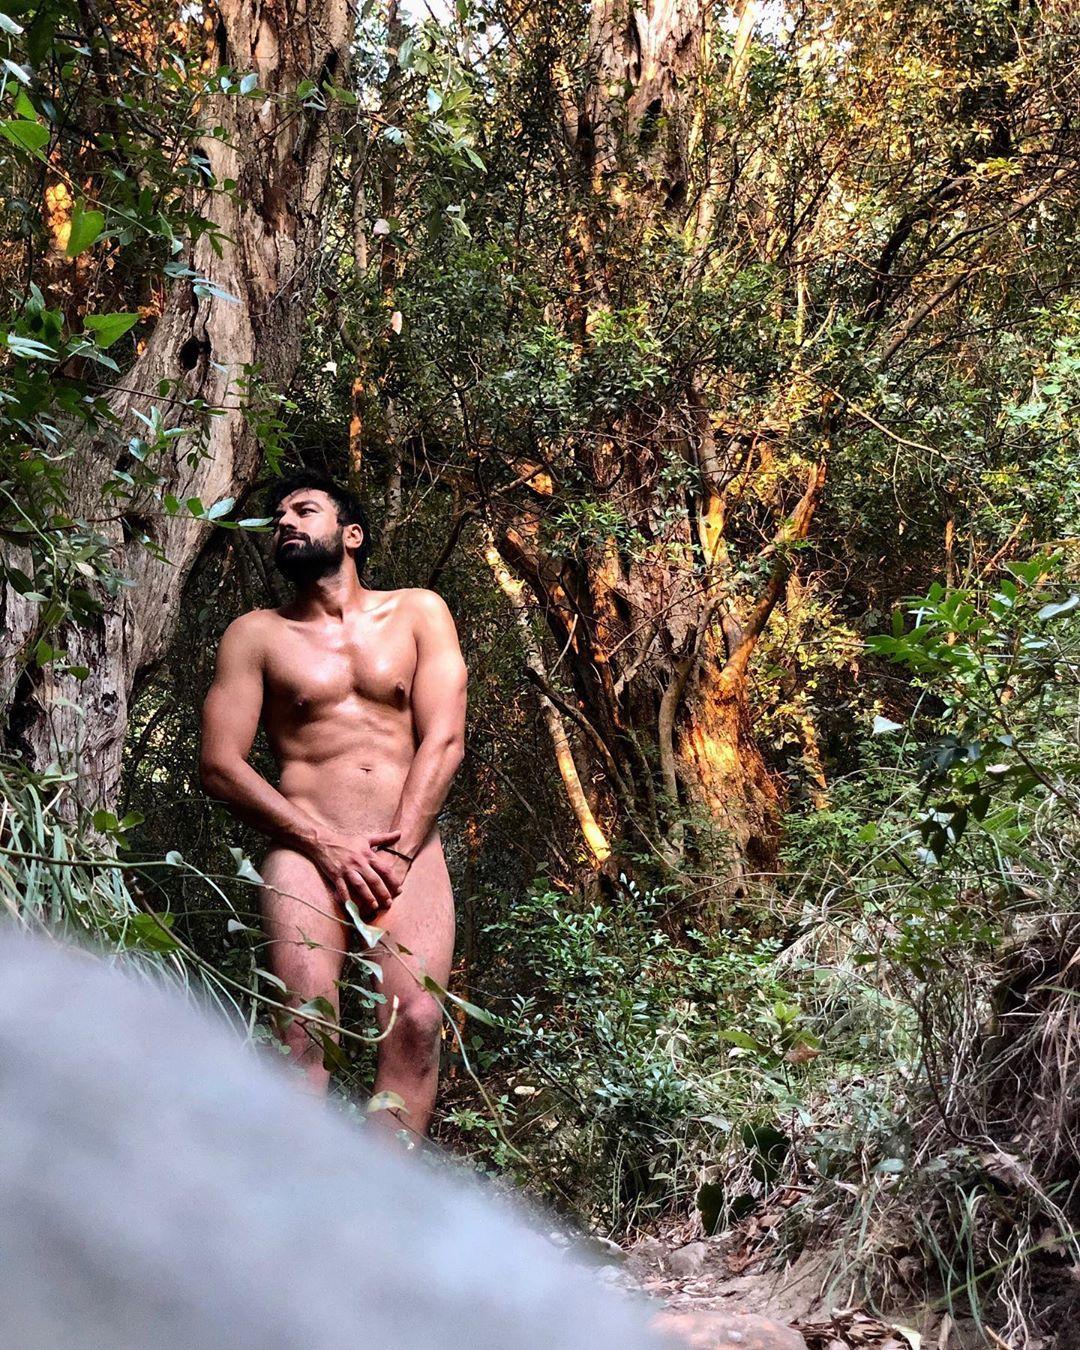 Ο Ανδρέας Γεωργίου γυμνός στο δάσος